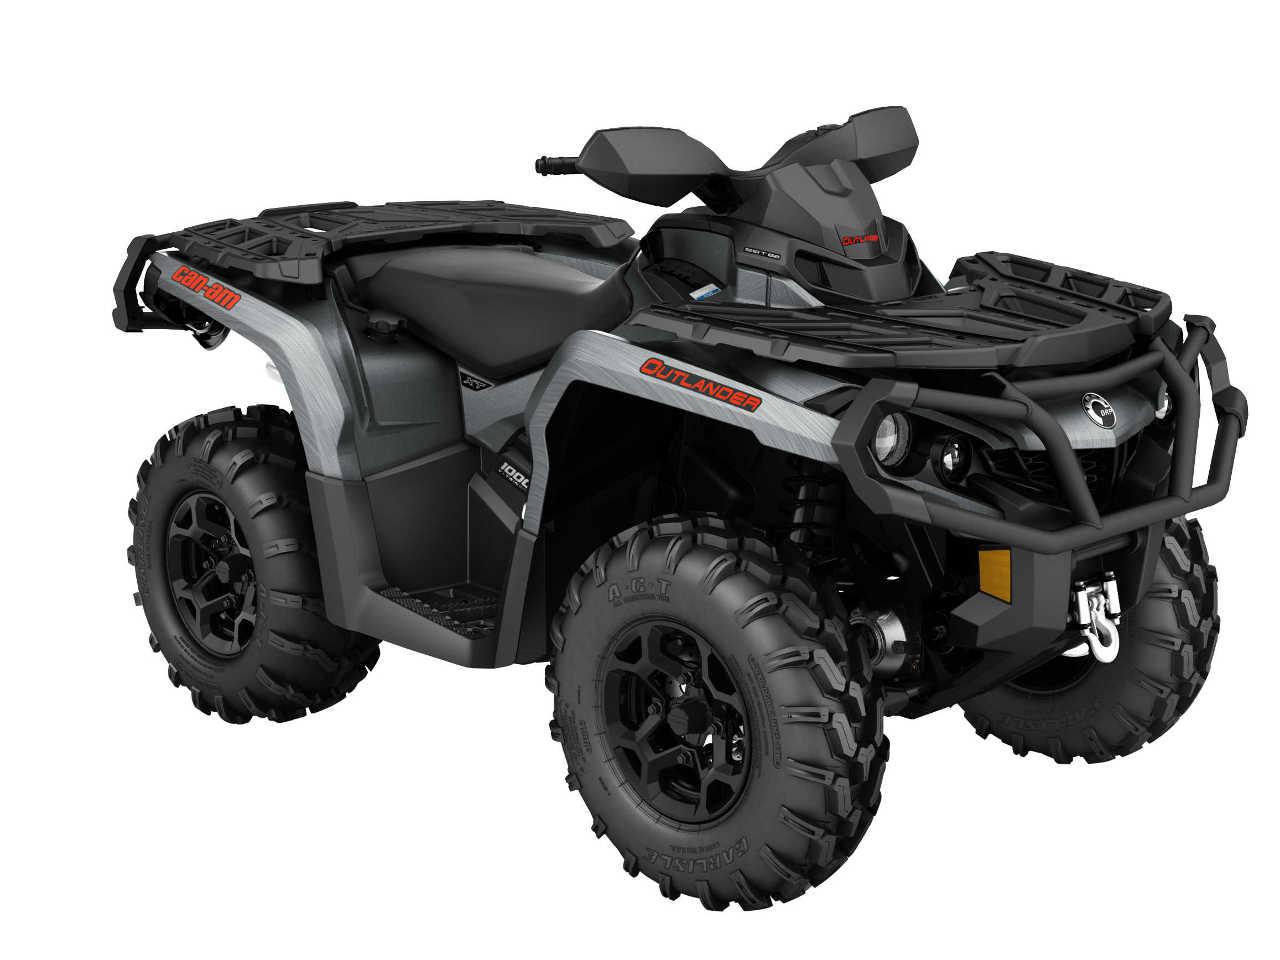 Rider focused design